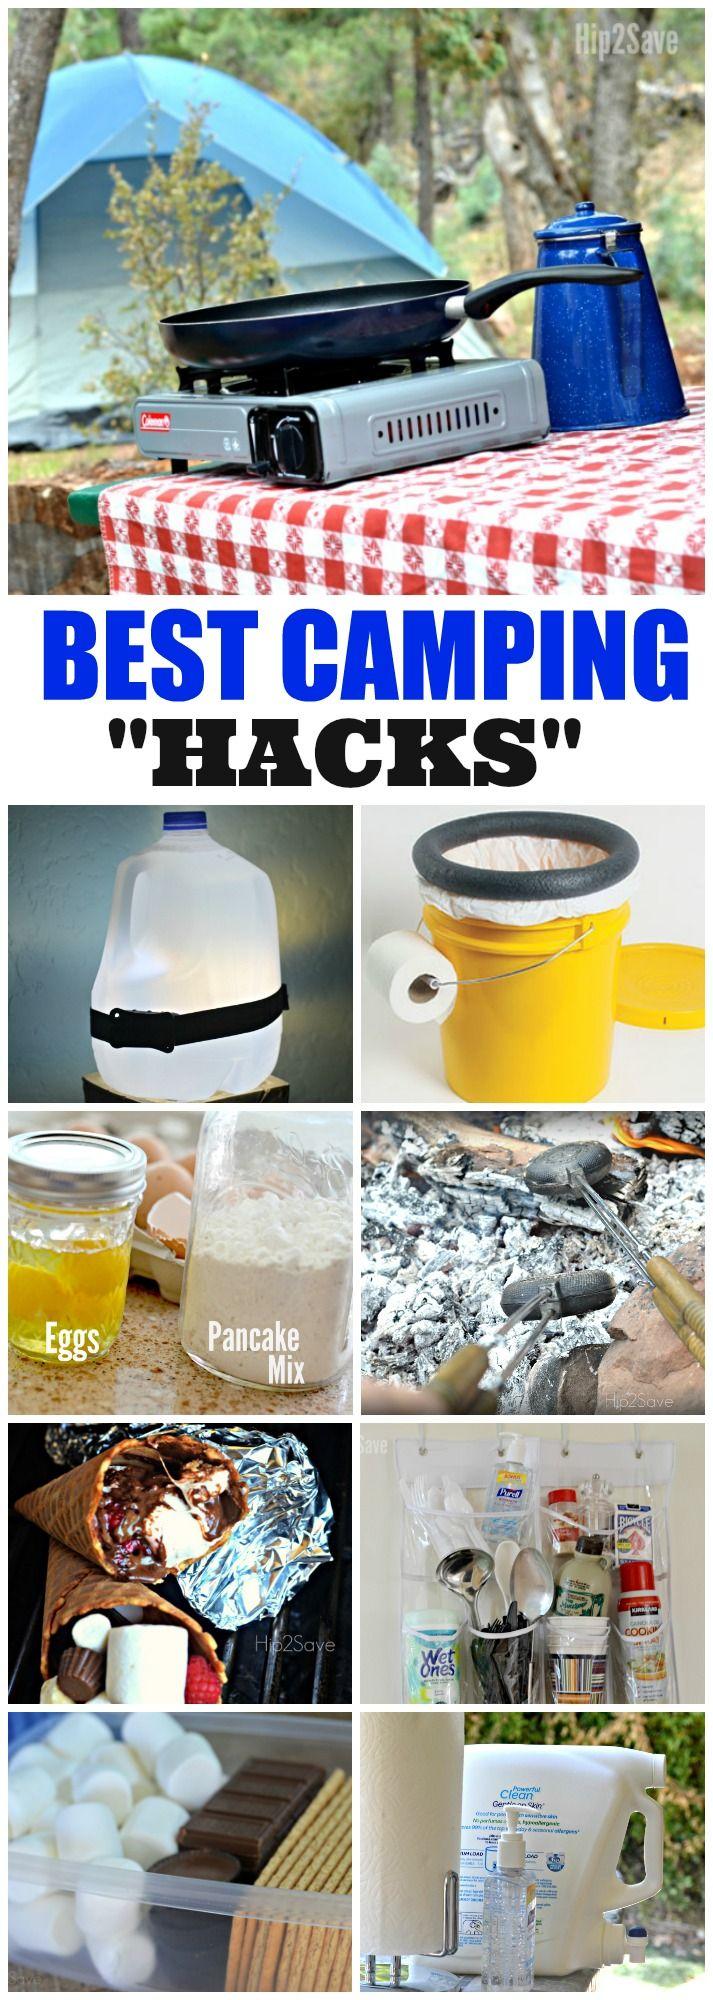 10 Camping Hacks & Tips (DIY Outdoor Toilet, Campfire ...